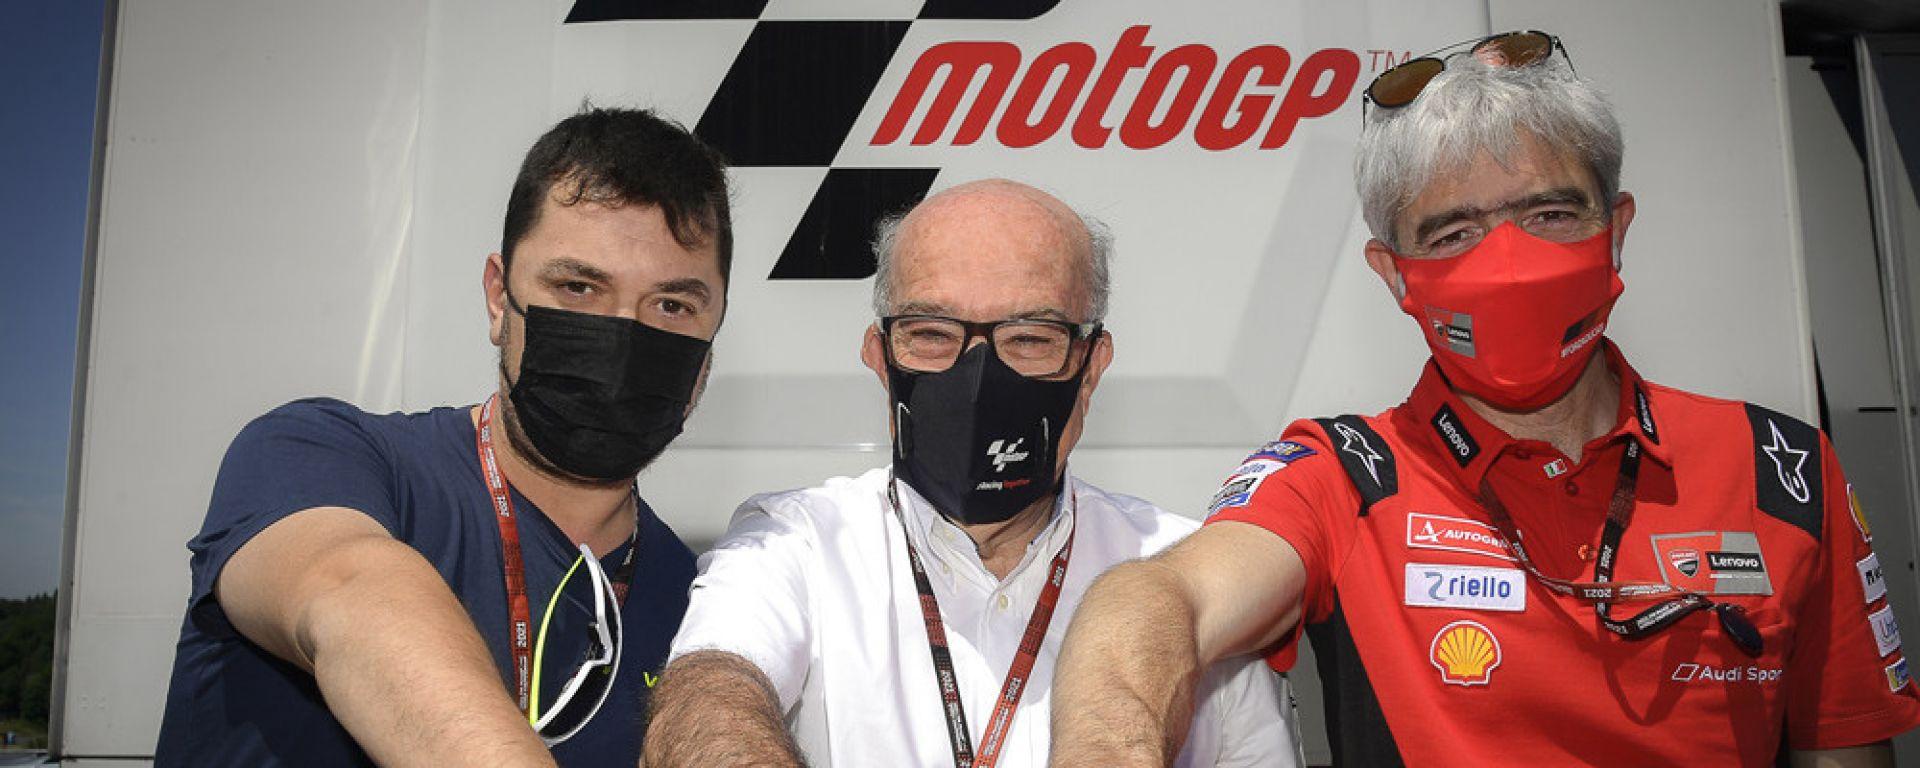 Uccio Salucci (Team VR46), Carmelo Ezpeleta (Dorna Sports), Gigi Dall'Igna (Ducati)